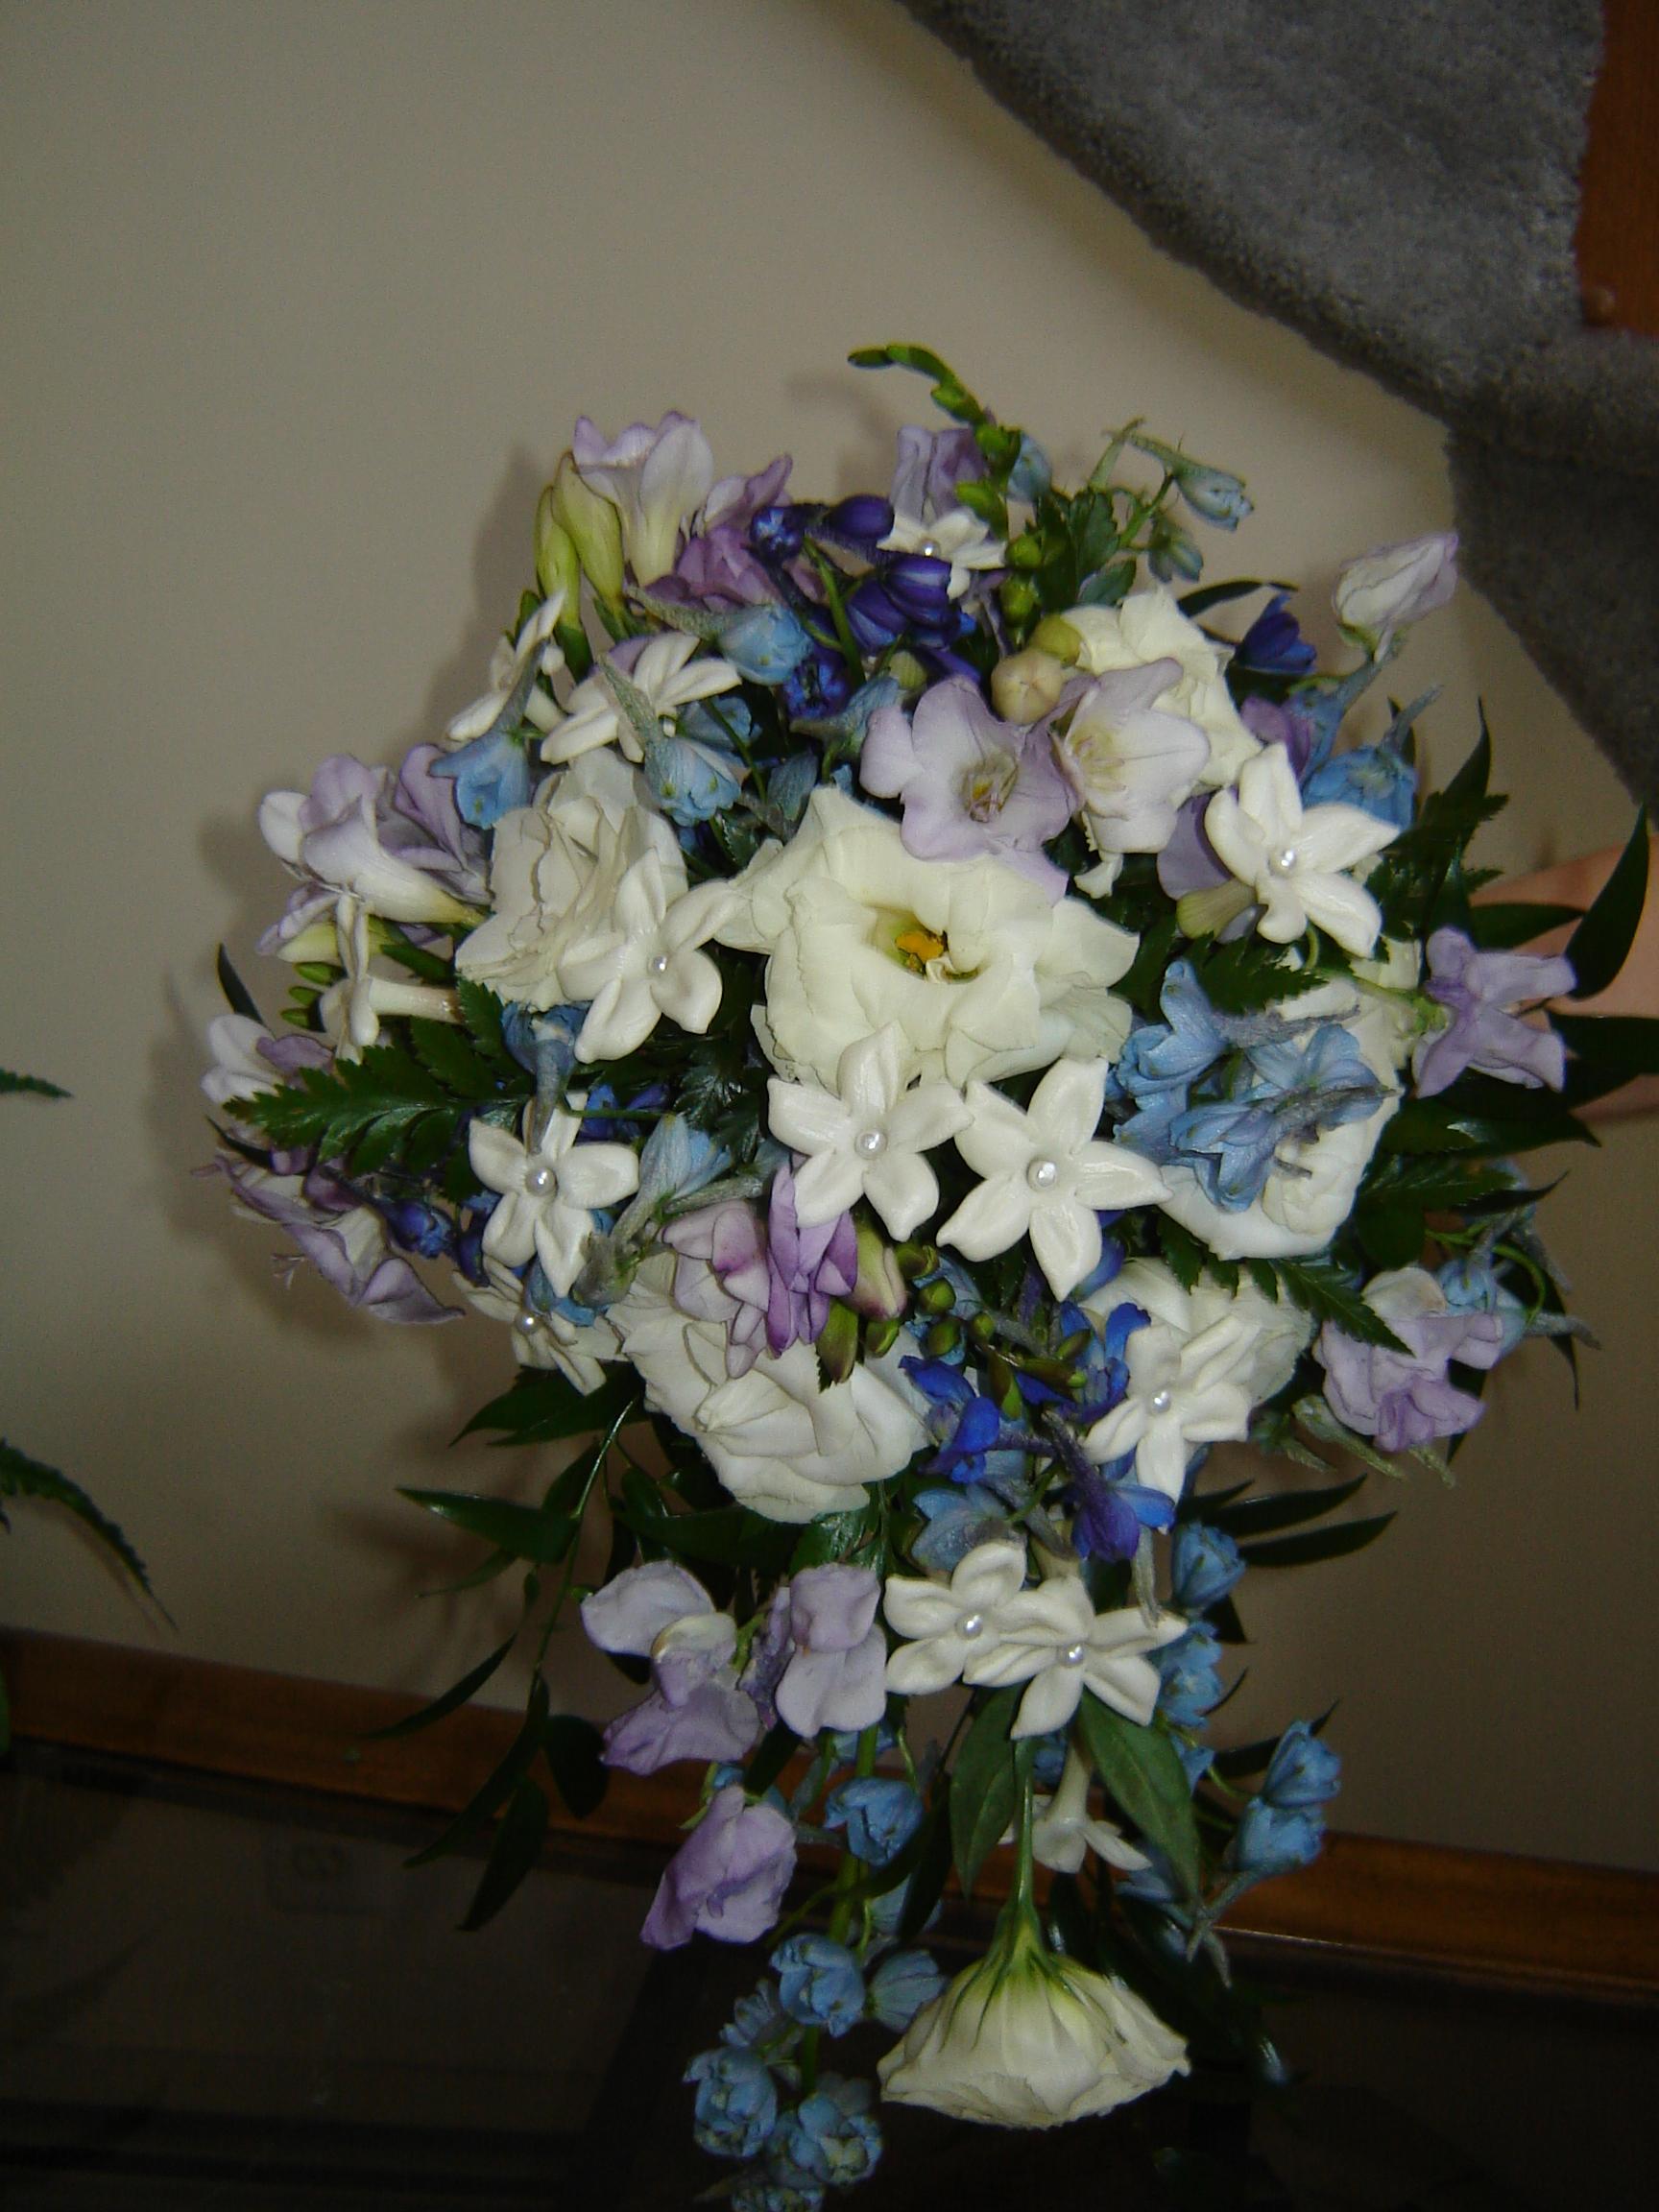 Brides's Bouquet